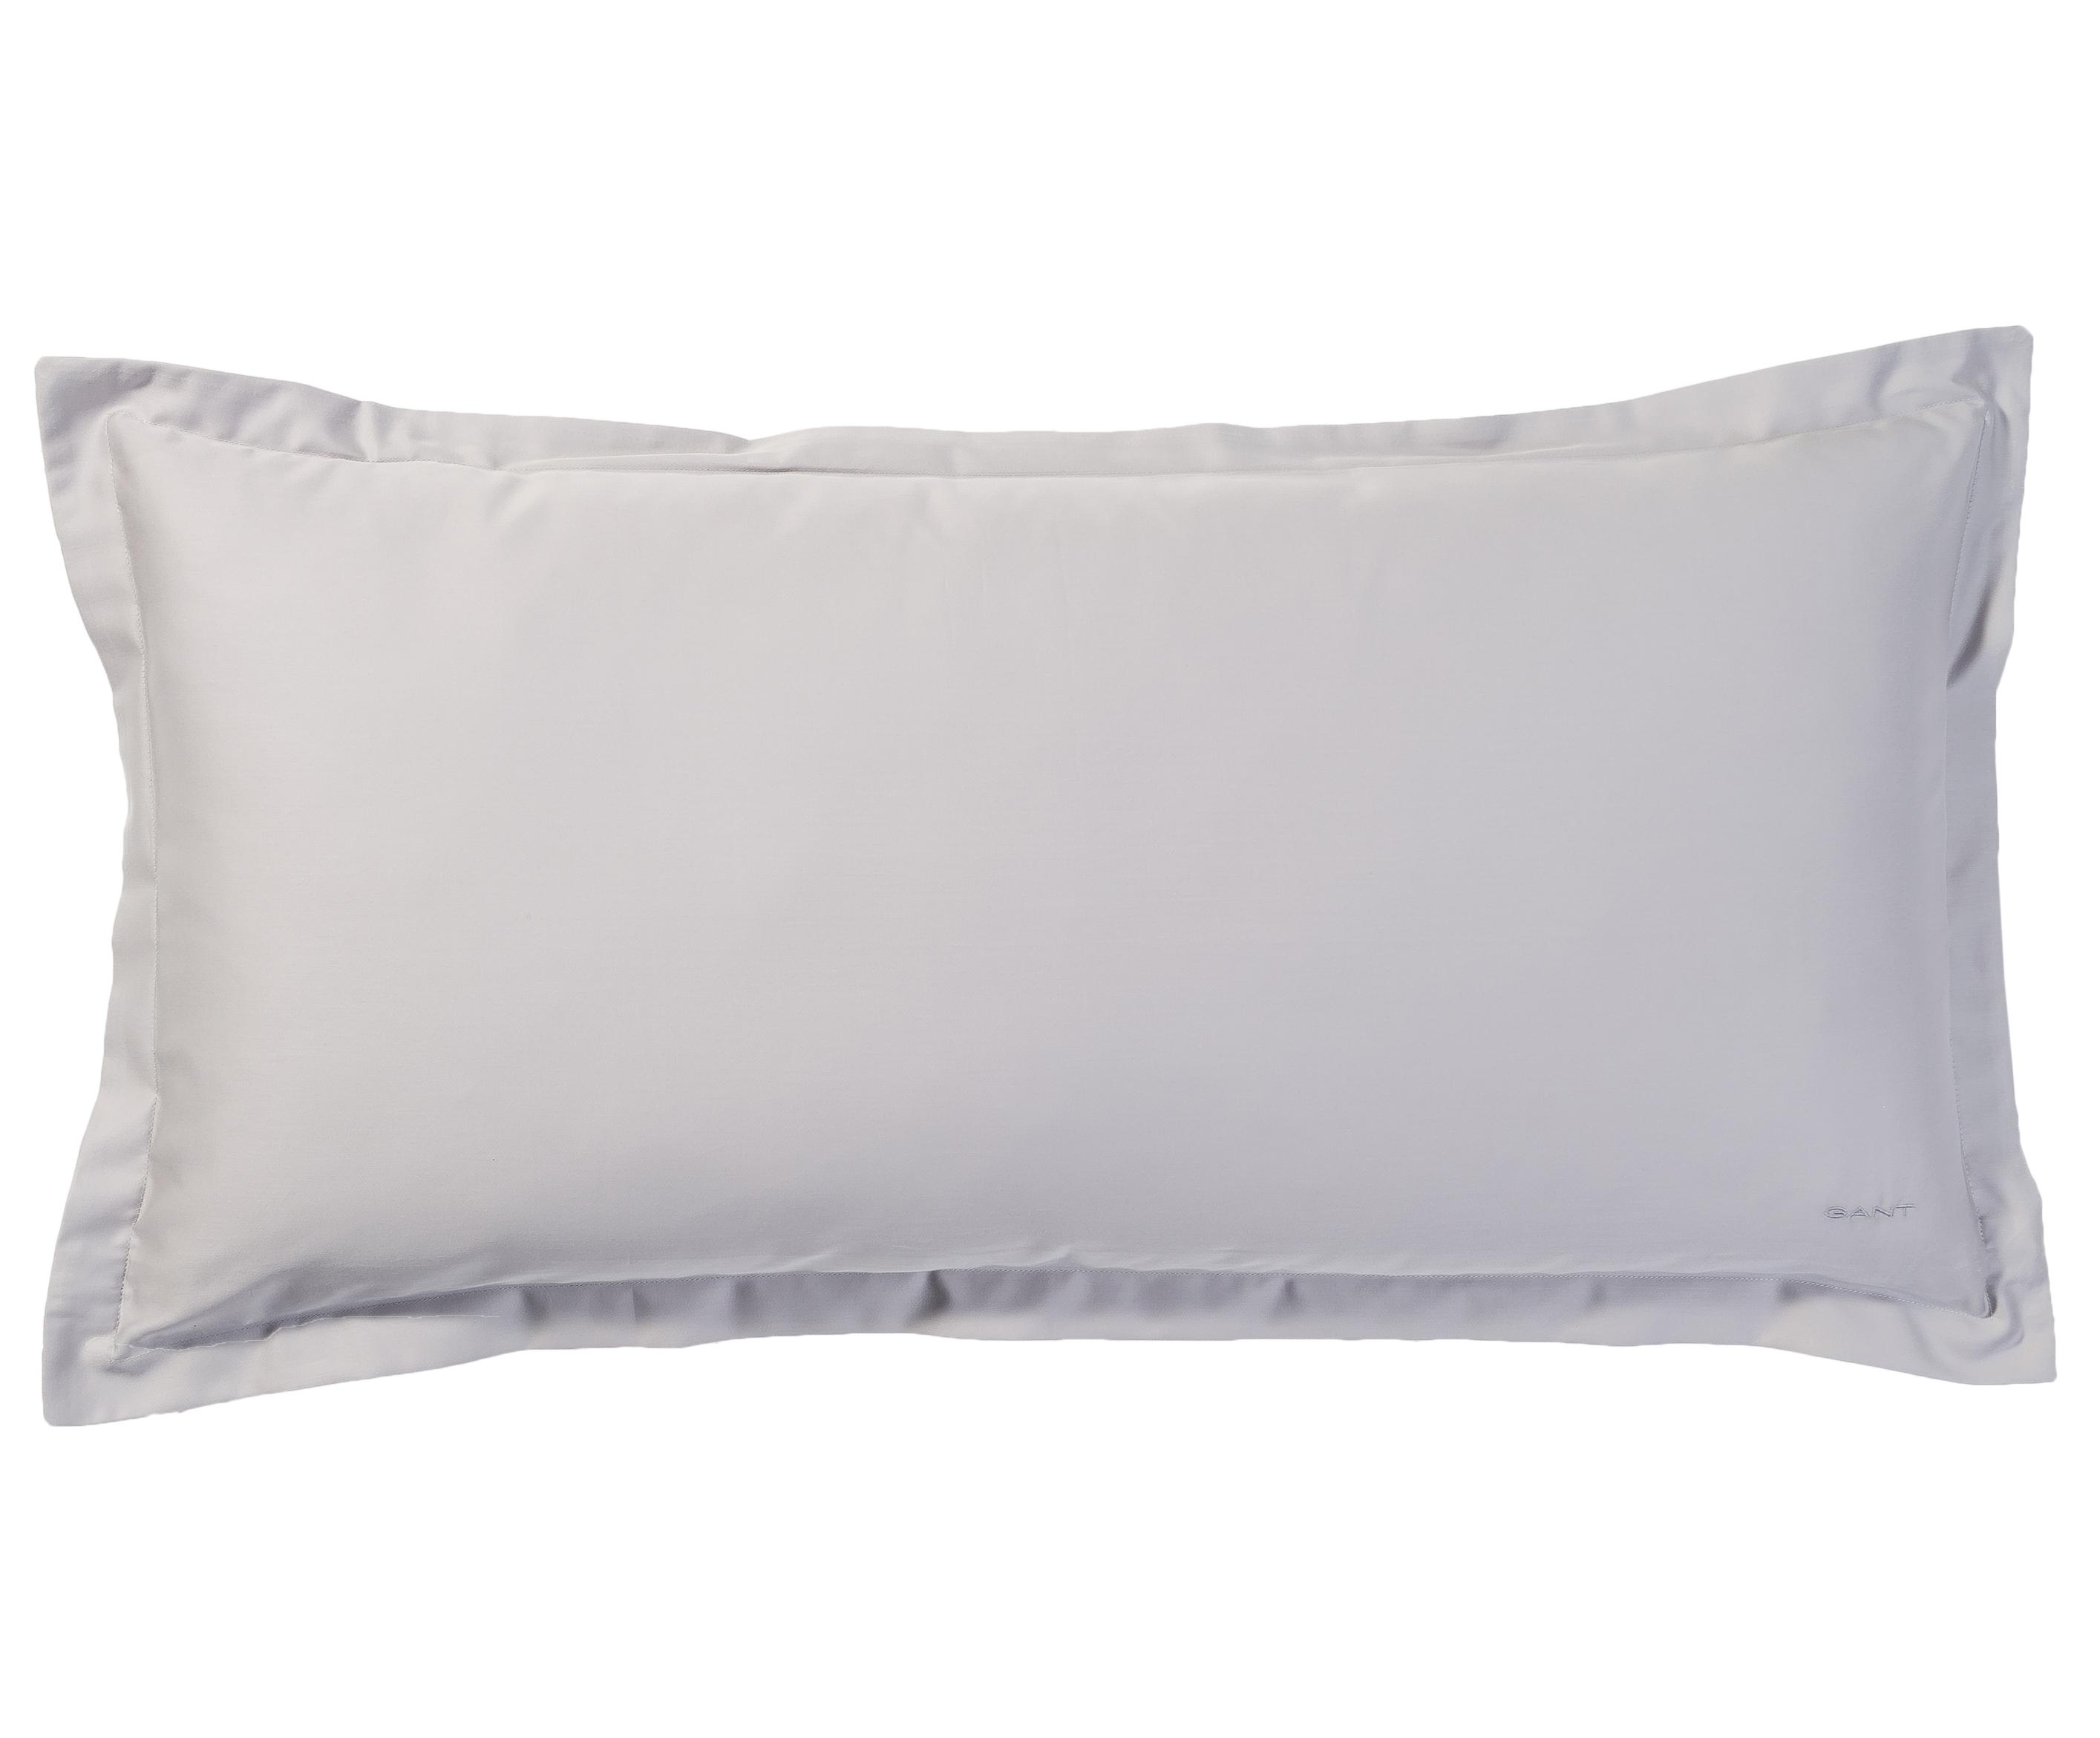 Poszewka na poduszkę z satyny bawełnianej Sateen, Szary, S 40 x D 80 cm